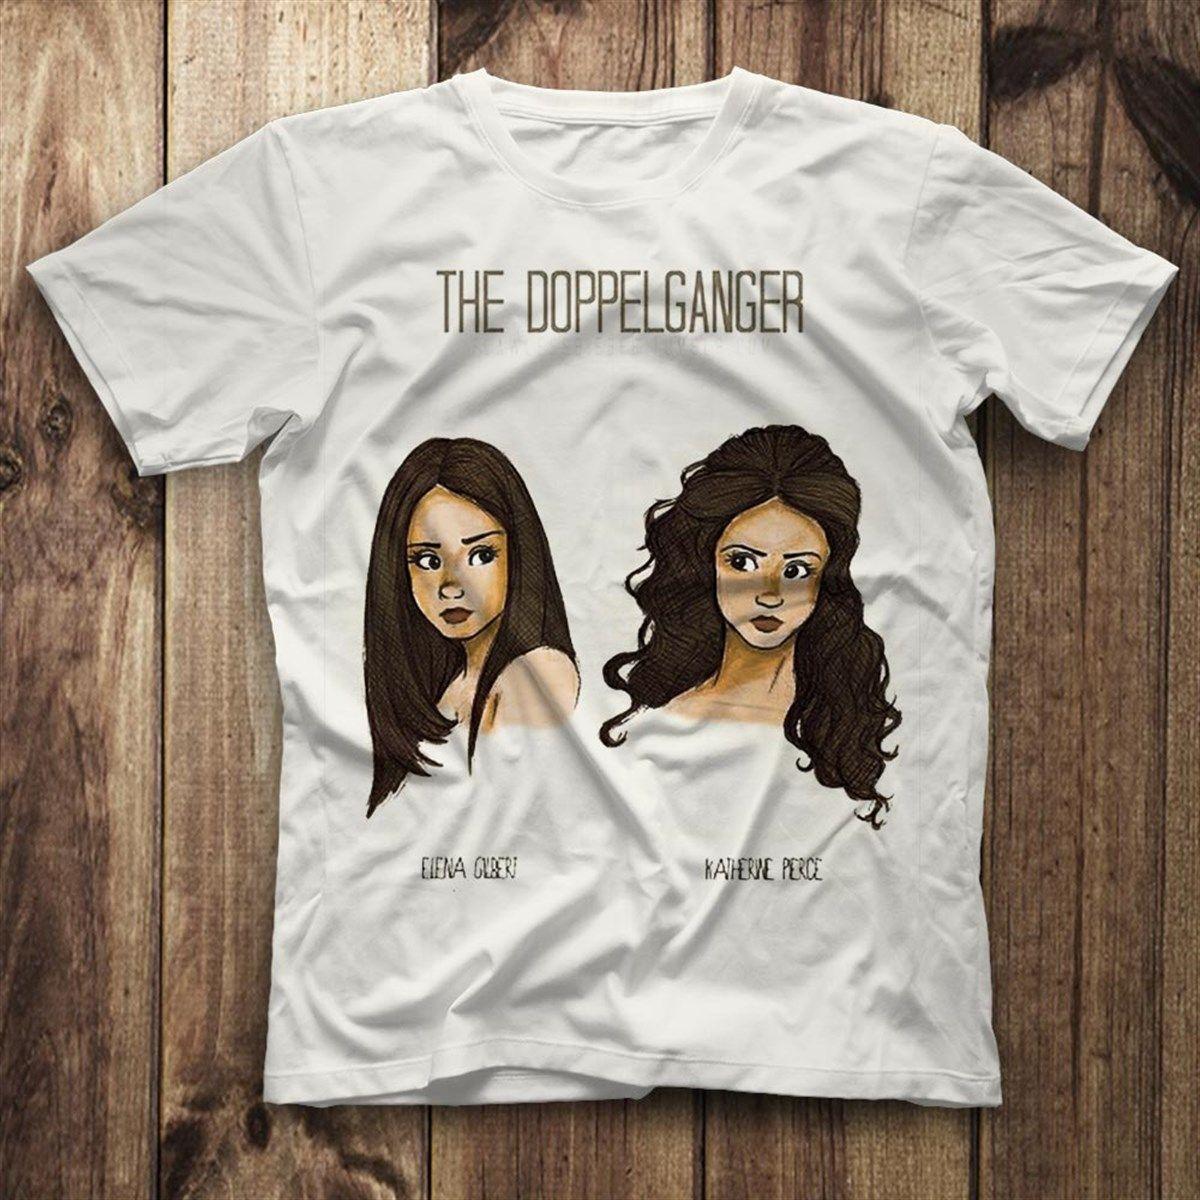 The Vampire Diaries White Unisex T Shirt Tees Shirts Vampire Diaries Shirts Vampire Diaries Tee Shirts